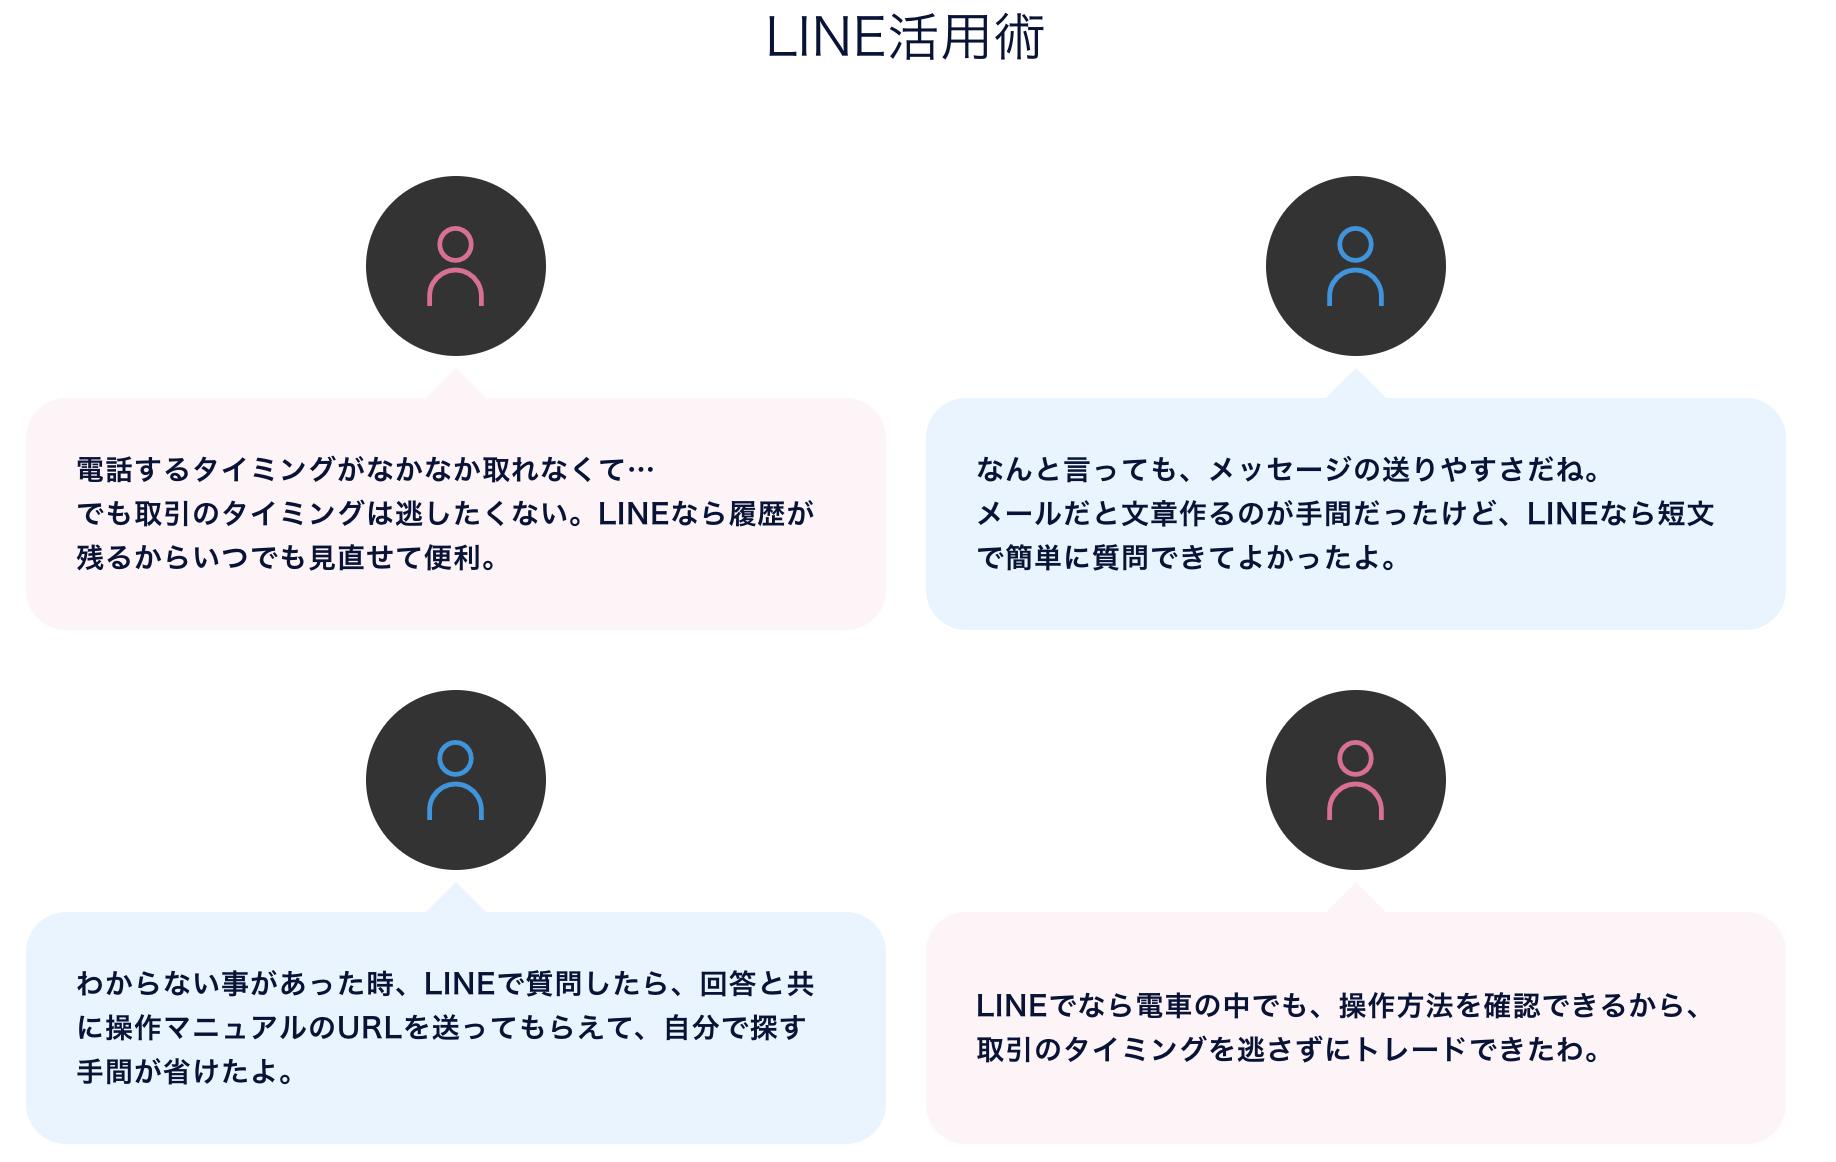 24時間LINEで質問ができる優しいサービスを提供